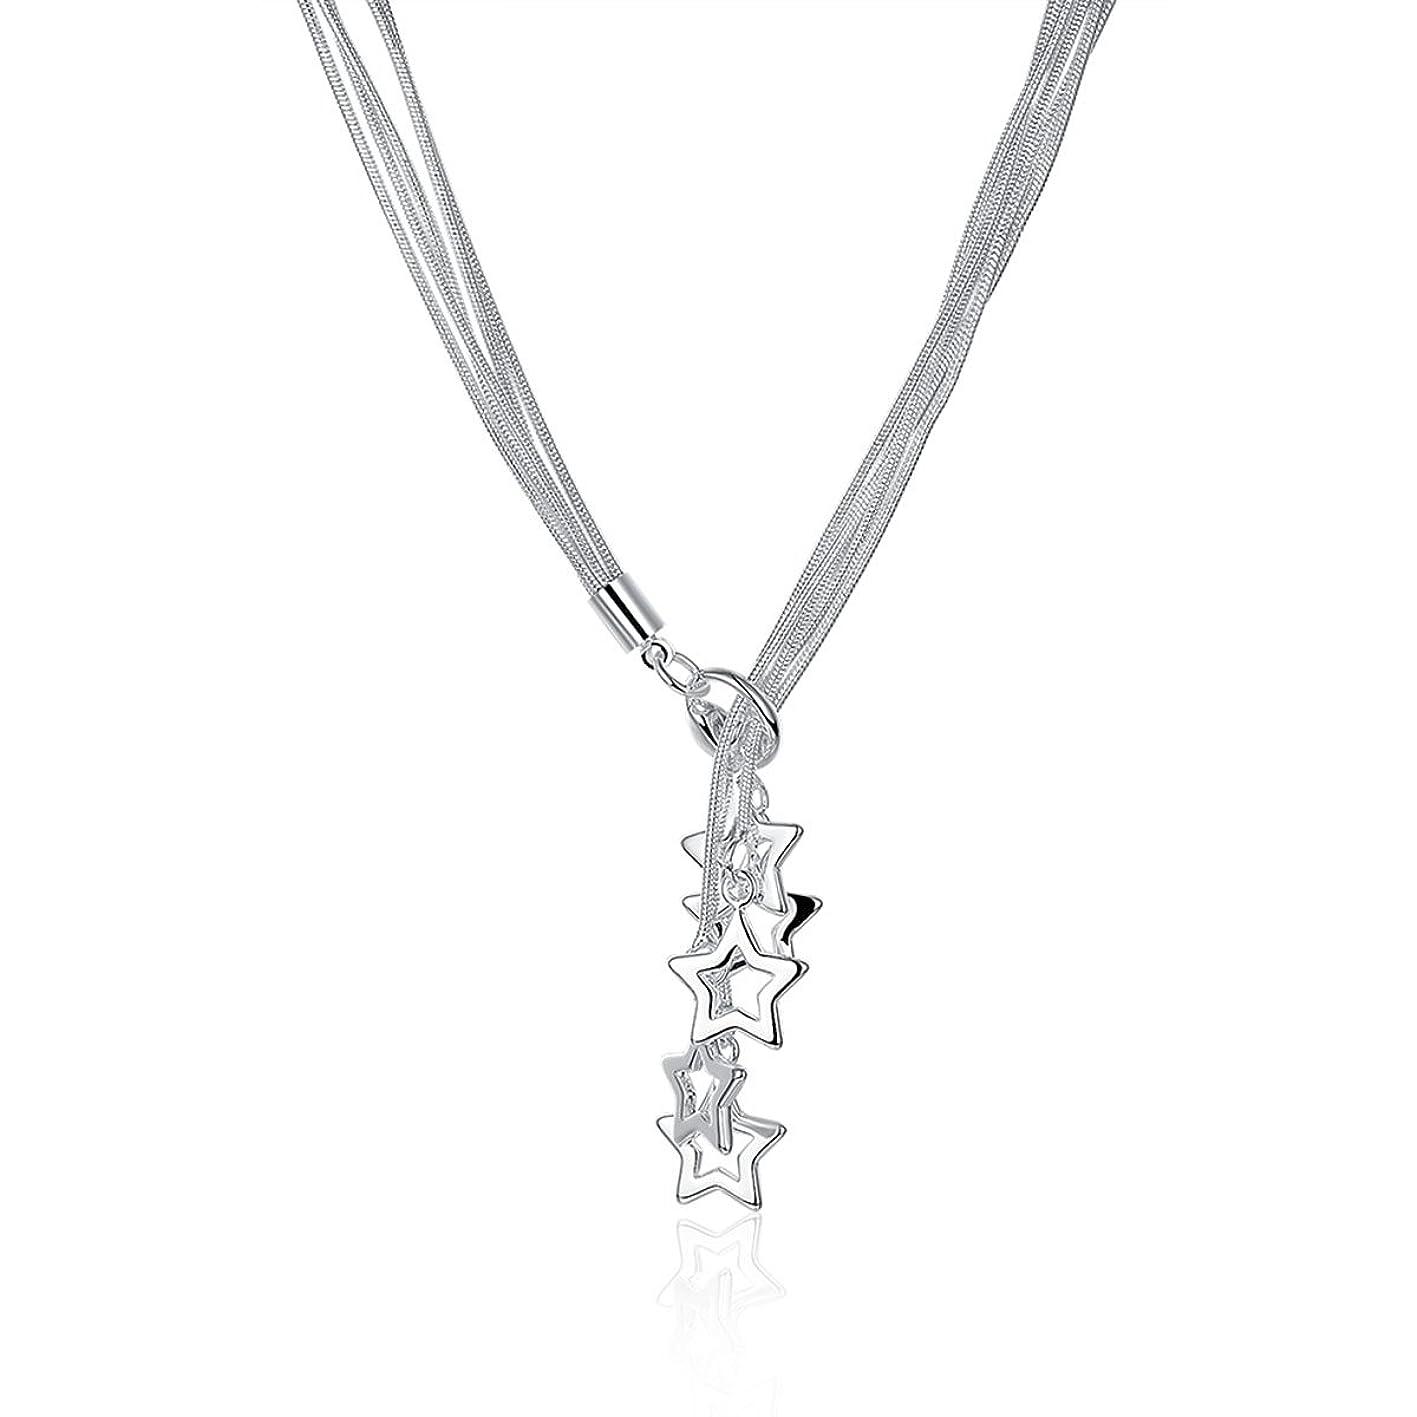 Kebaner Five Point Star Pentagram Multi Strand Slim Silver Snake Chain Lariat Necklace Gift for Women 18 ywdrapnxhqy556